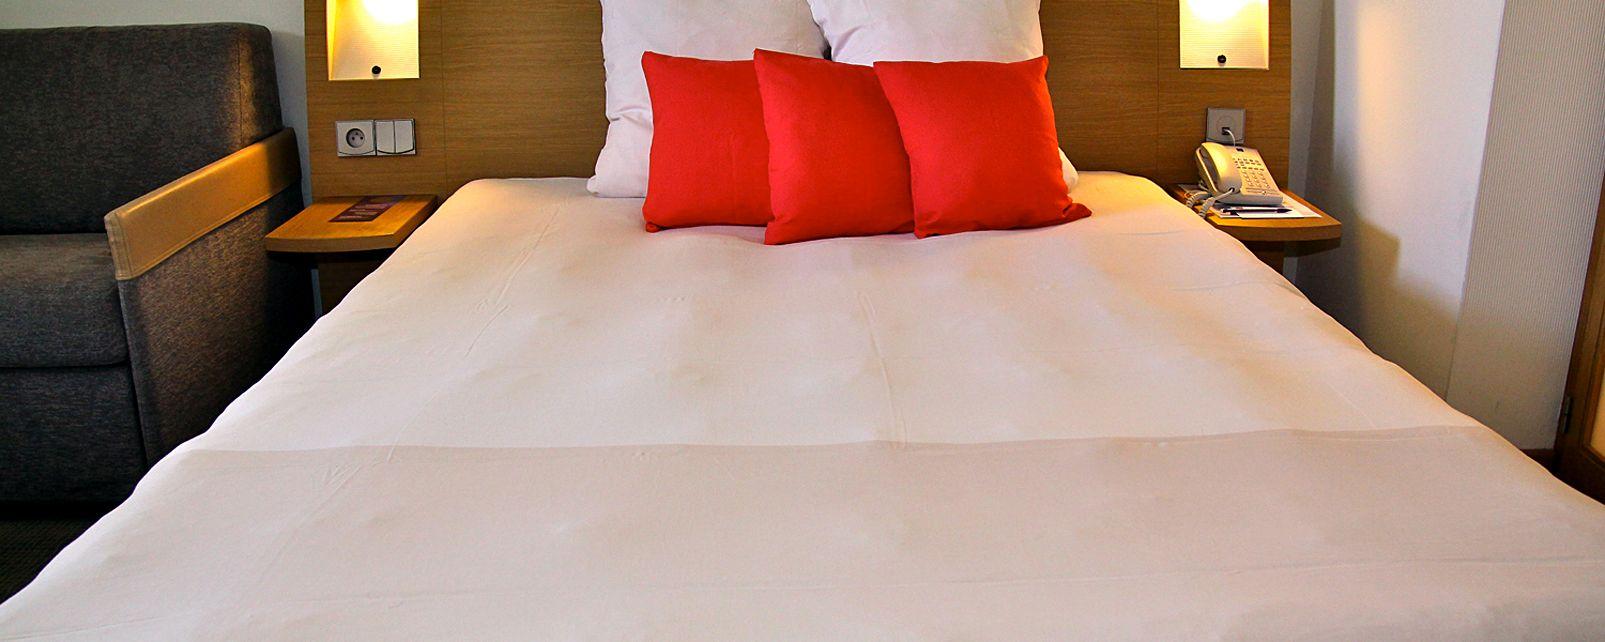 Hotel a paris bercy pas cher bb hotel znitude htel u for Paris hotel design pas cher